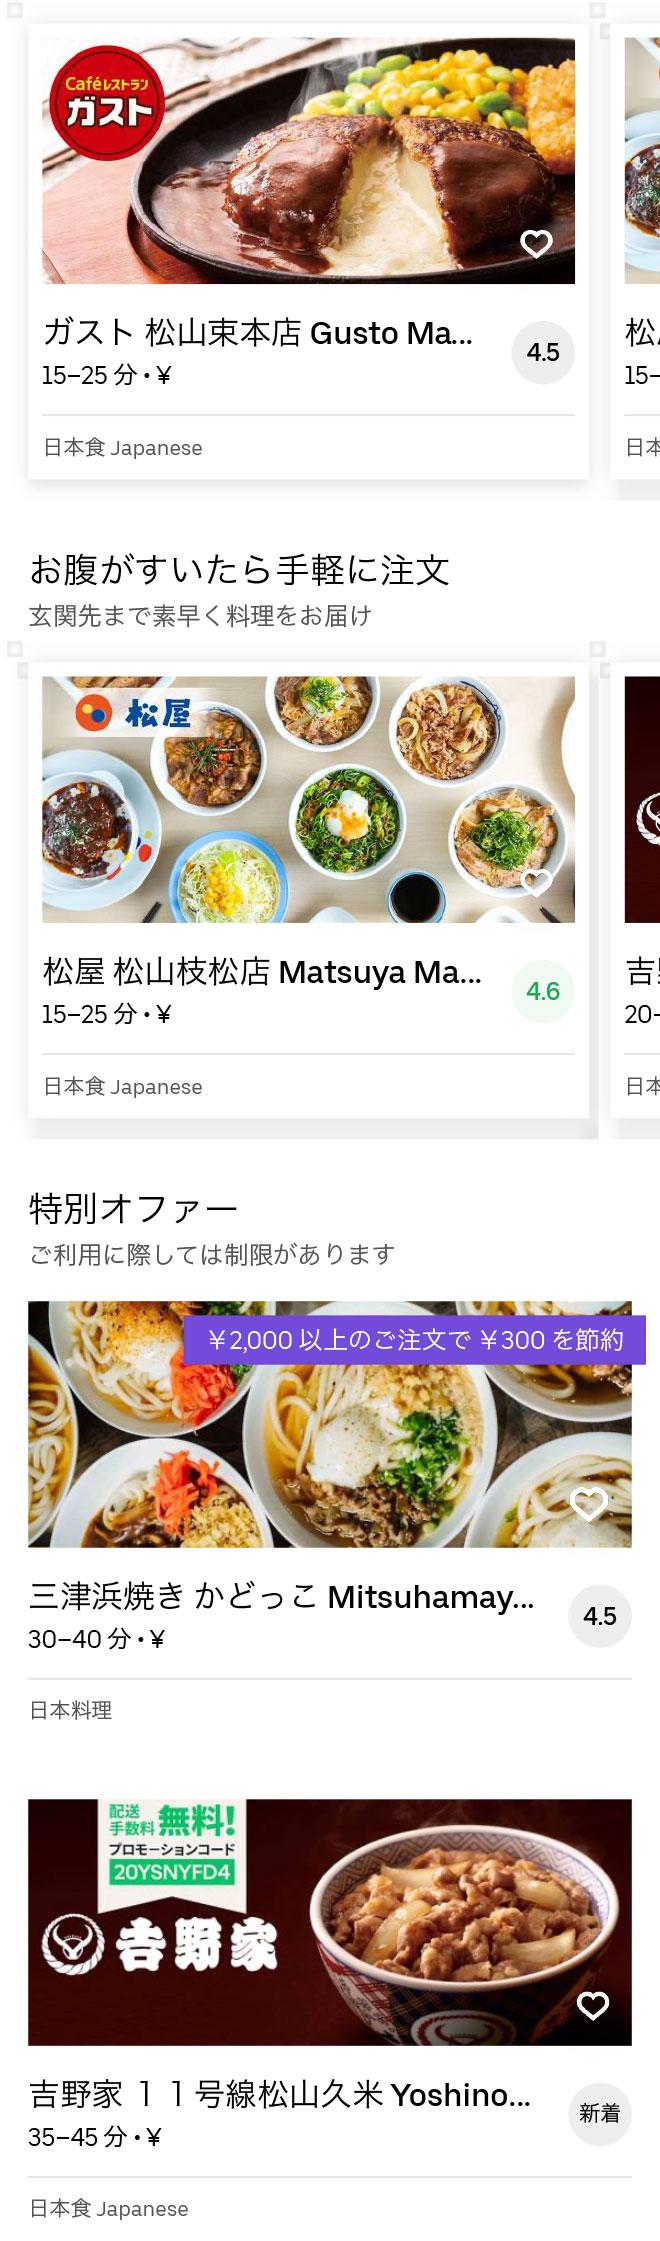 Matsuyama kitakume menu 200401